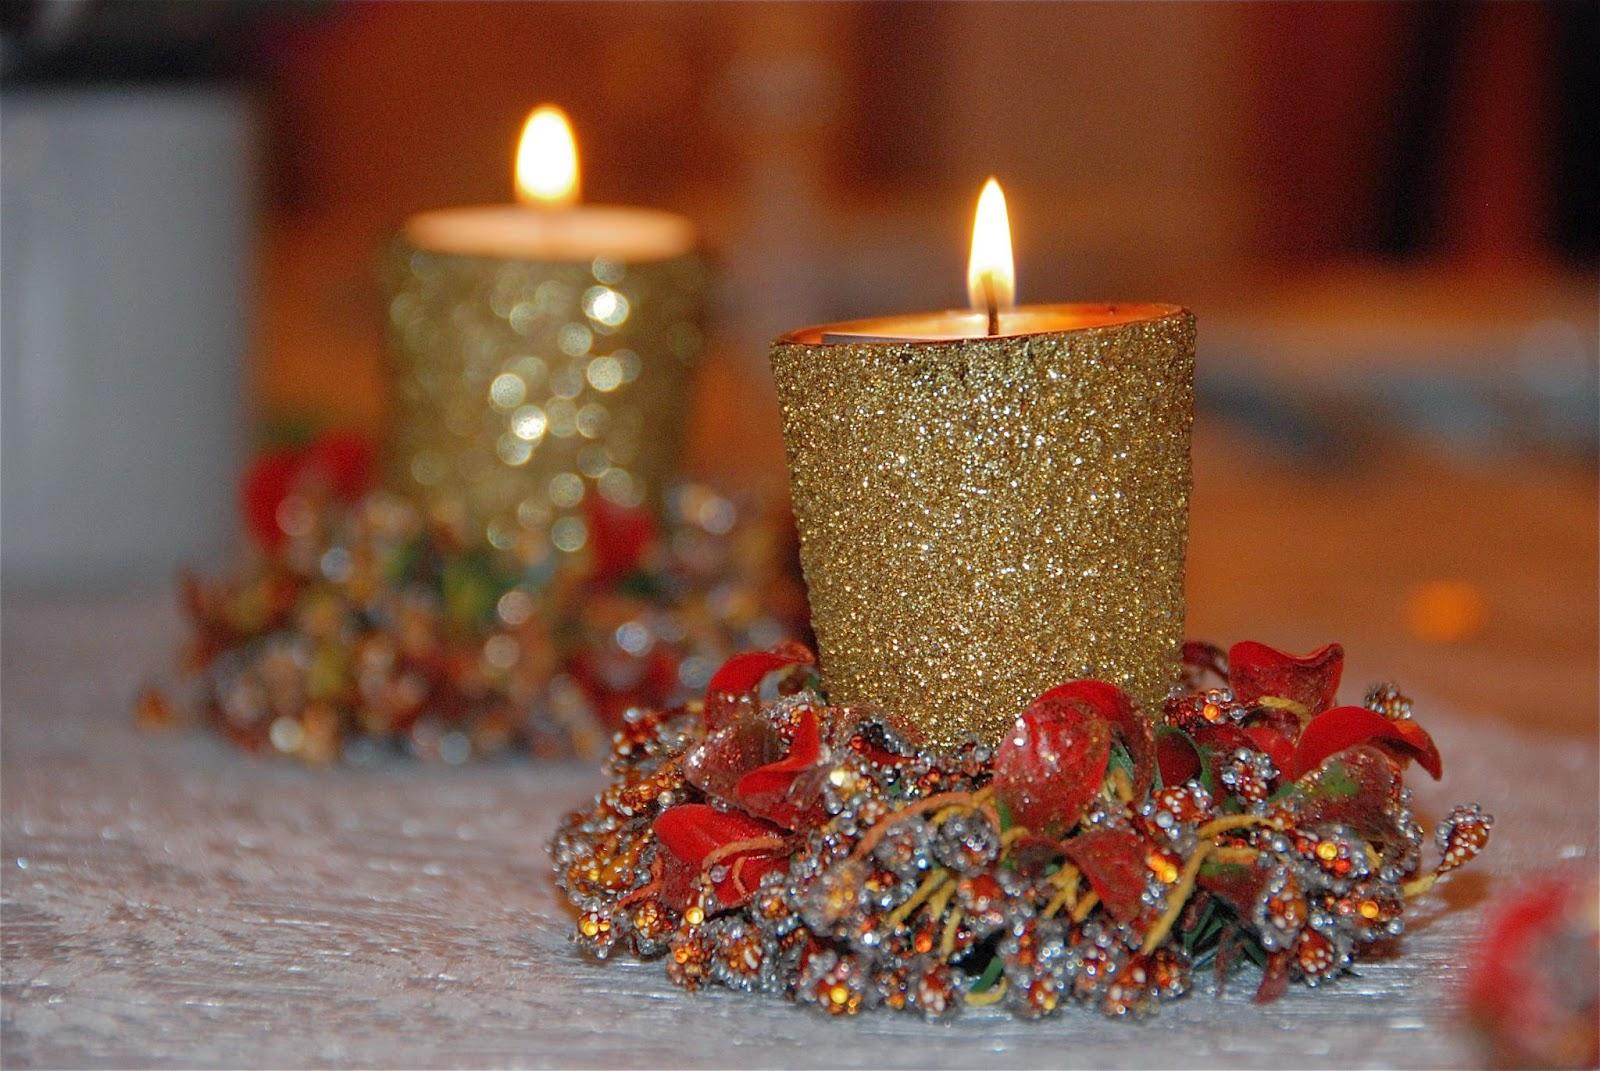 10 ideas para decorar velas navide as top 10 top ten for Velas navidenas